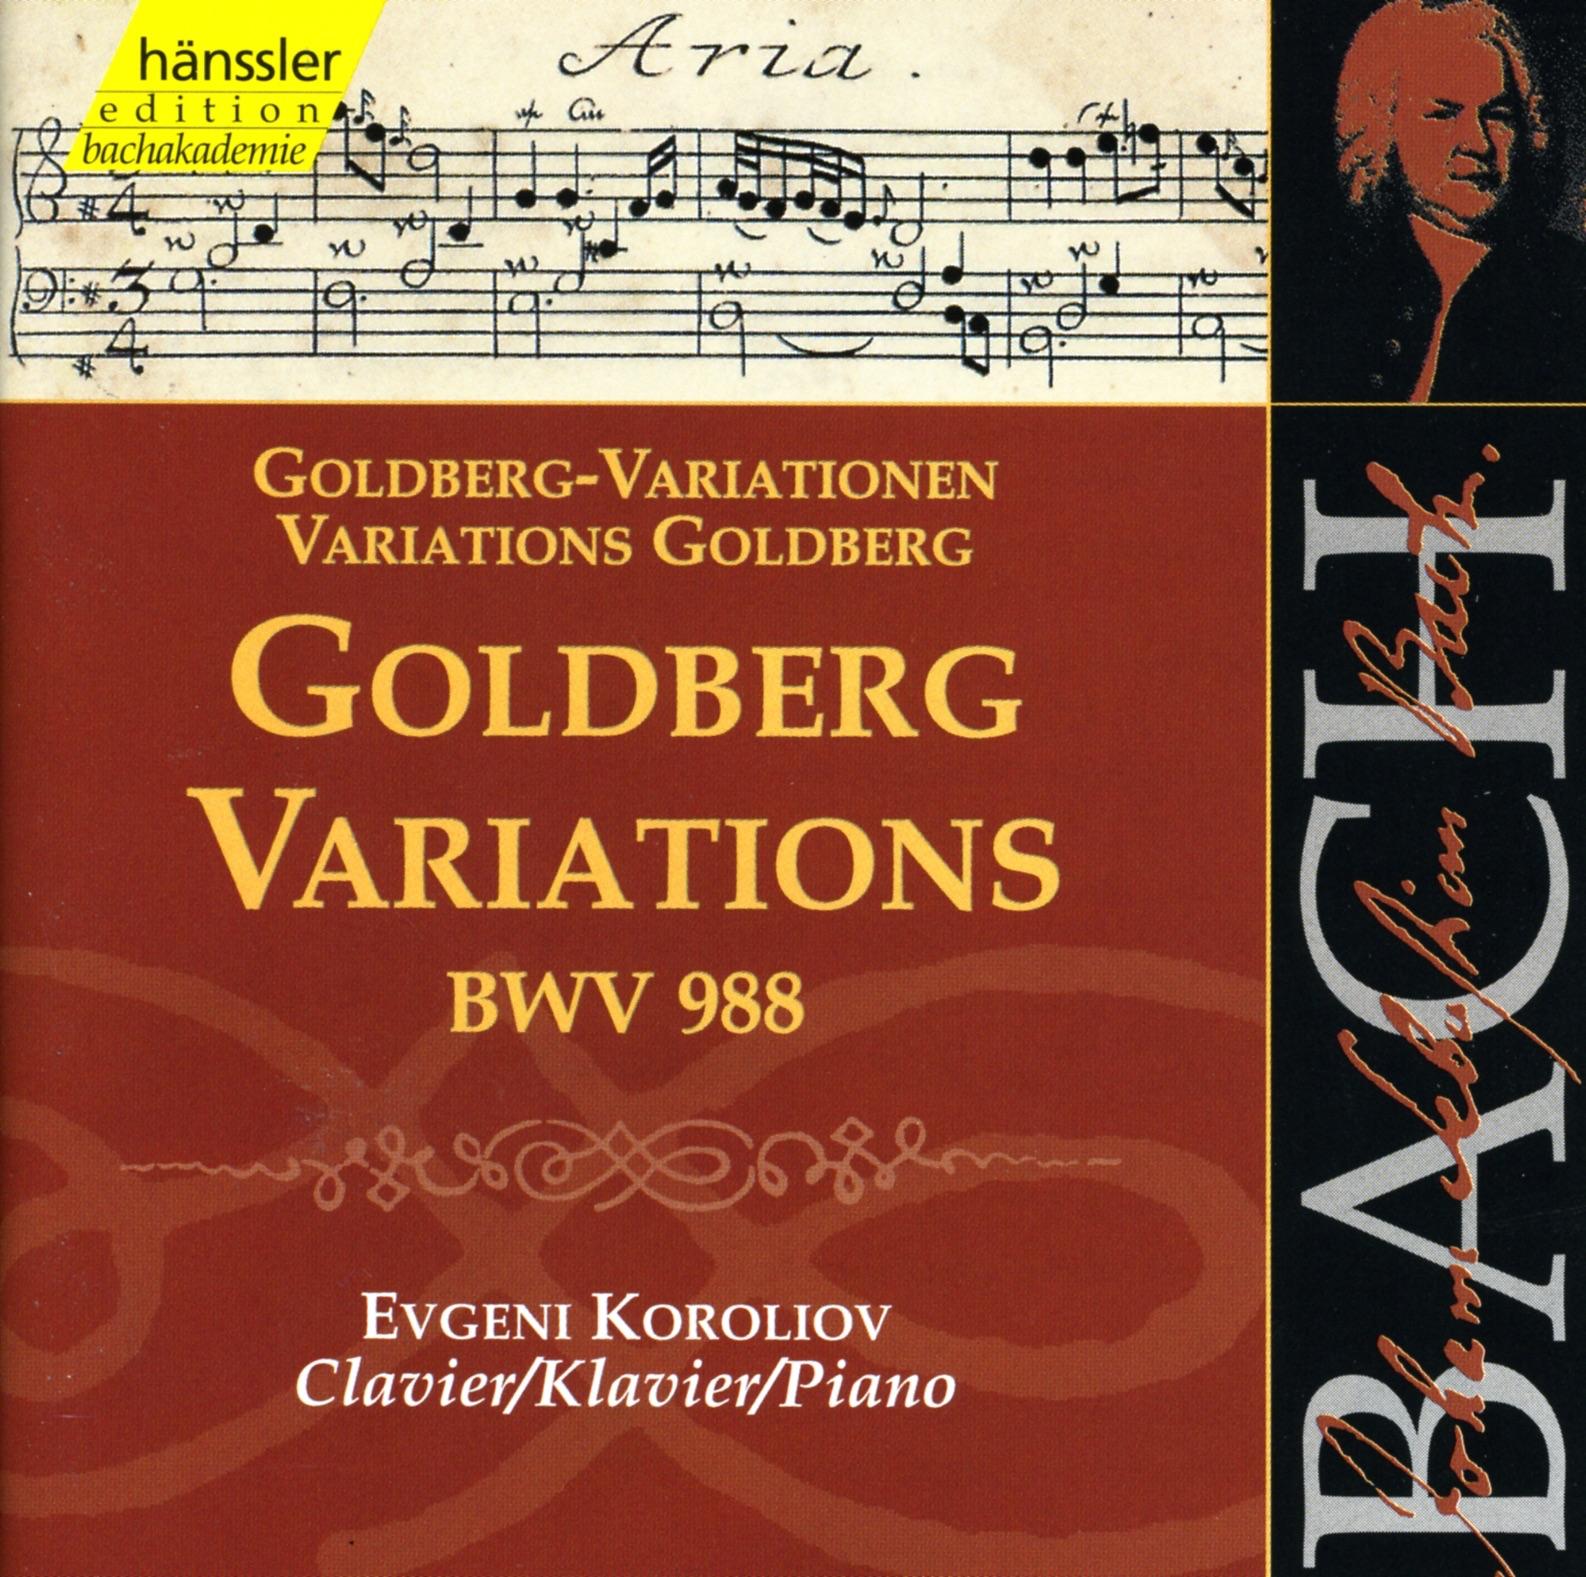 Goldberg Variations, BWV 988 : Variation 30. Quodlibet a 1 Clav.